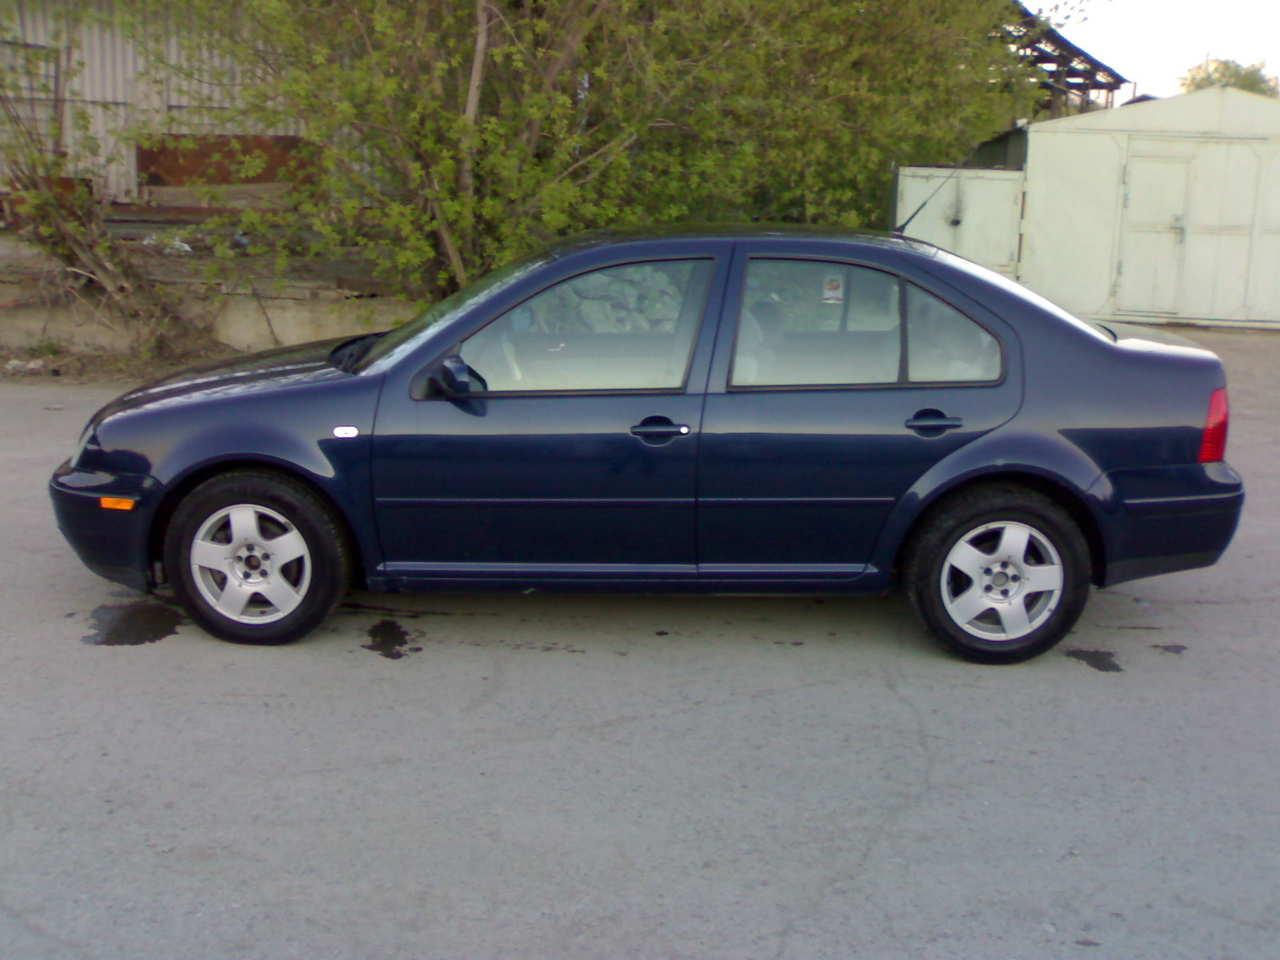 2001 Volkswagen Jetta Pics 1 8 Gasoline Ff Automatic